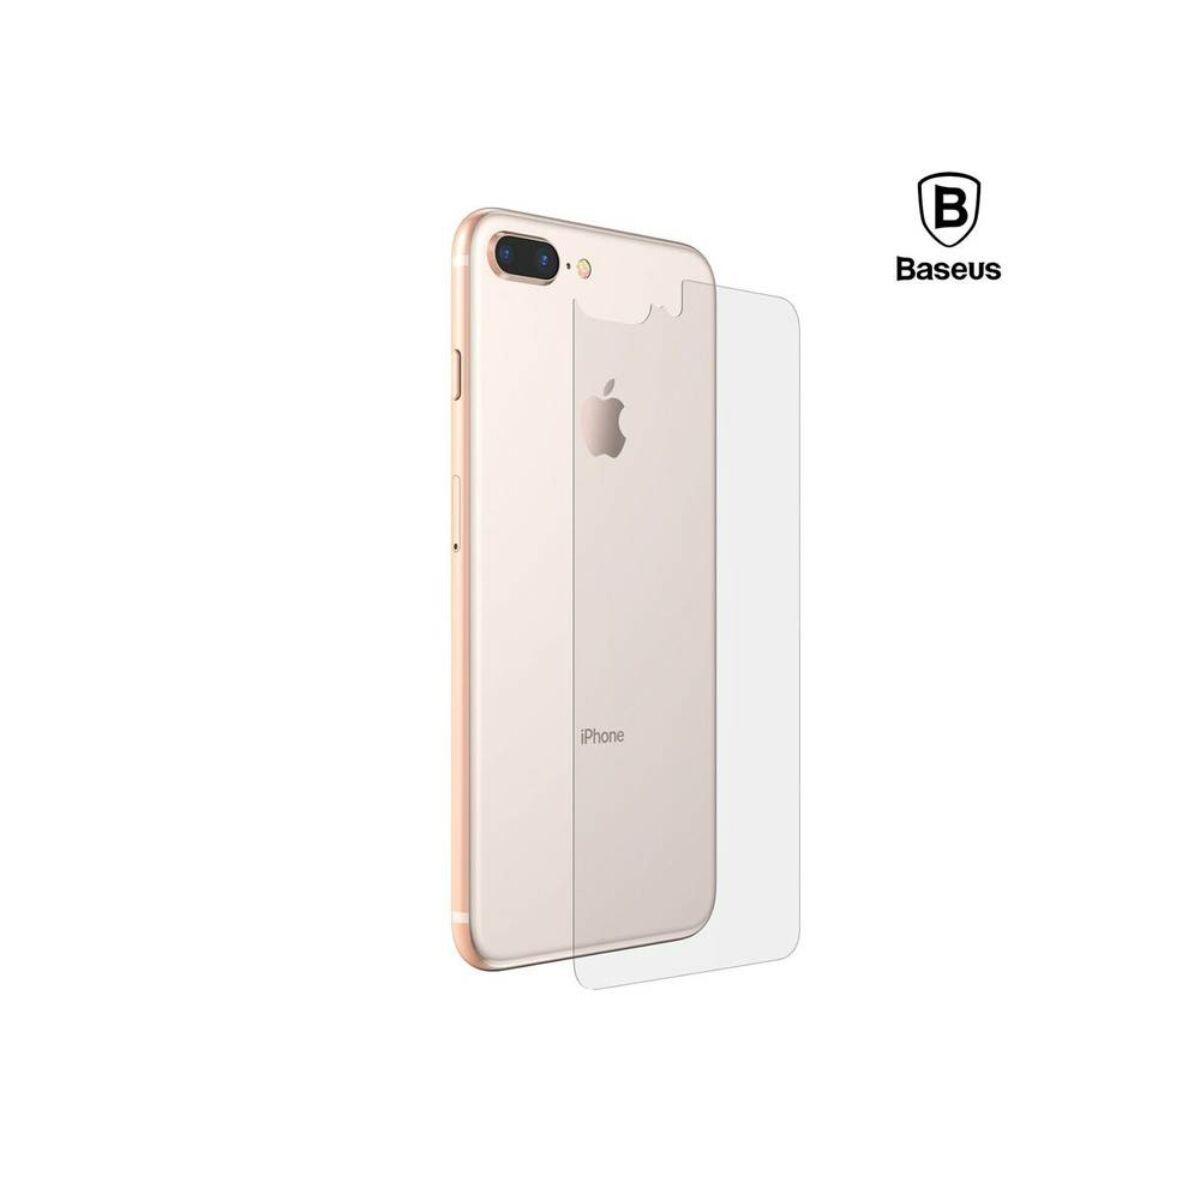 Baseus iPhone 8/7 Plus 0.3 mm, teljes üveg hátlap edzett üveg fólia, átlátszó (SGAPIPH8P-BM02)